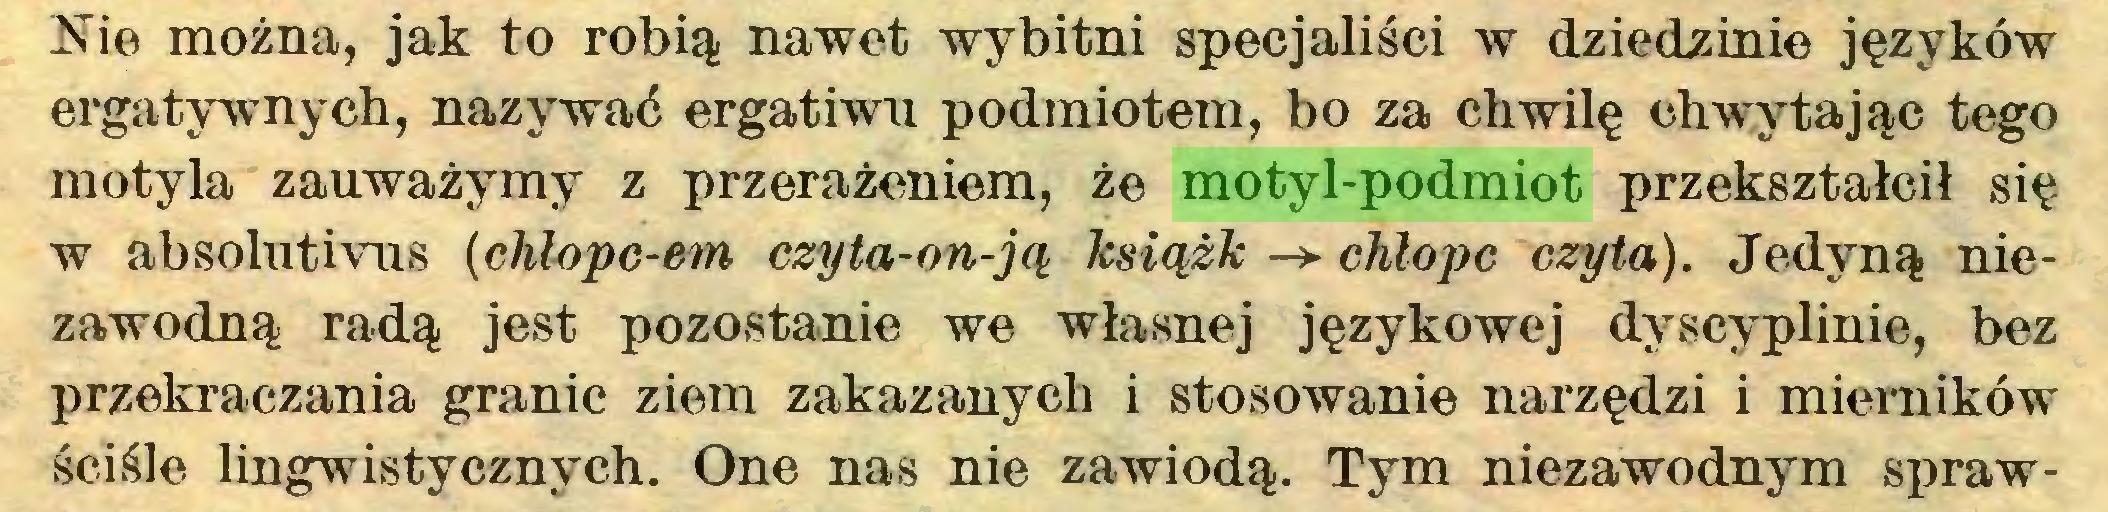 (...) Nie można, jak to robią nawet wybitni specjaliści w dziedzinie języków ergatywnych, nazywać ergatiwu podmiotem, bo za chwilę chwytając tego motyla zauważymy z przerażeniem, że motyl-podmiot przekształcił się w absolutivus (chlopc-em czyta-on-ją książk -> chłopc czyta). Jedyną niezawodną radą jest pozostanie we własnej językowej dyscyplinie, bez przekraczania granic ziem zakazanych i stosowanie narzędzi i mierników ściśle lingwistycznych. One nas nie zawiodą. Tym niezawodnym spraw...